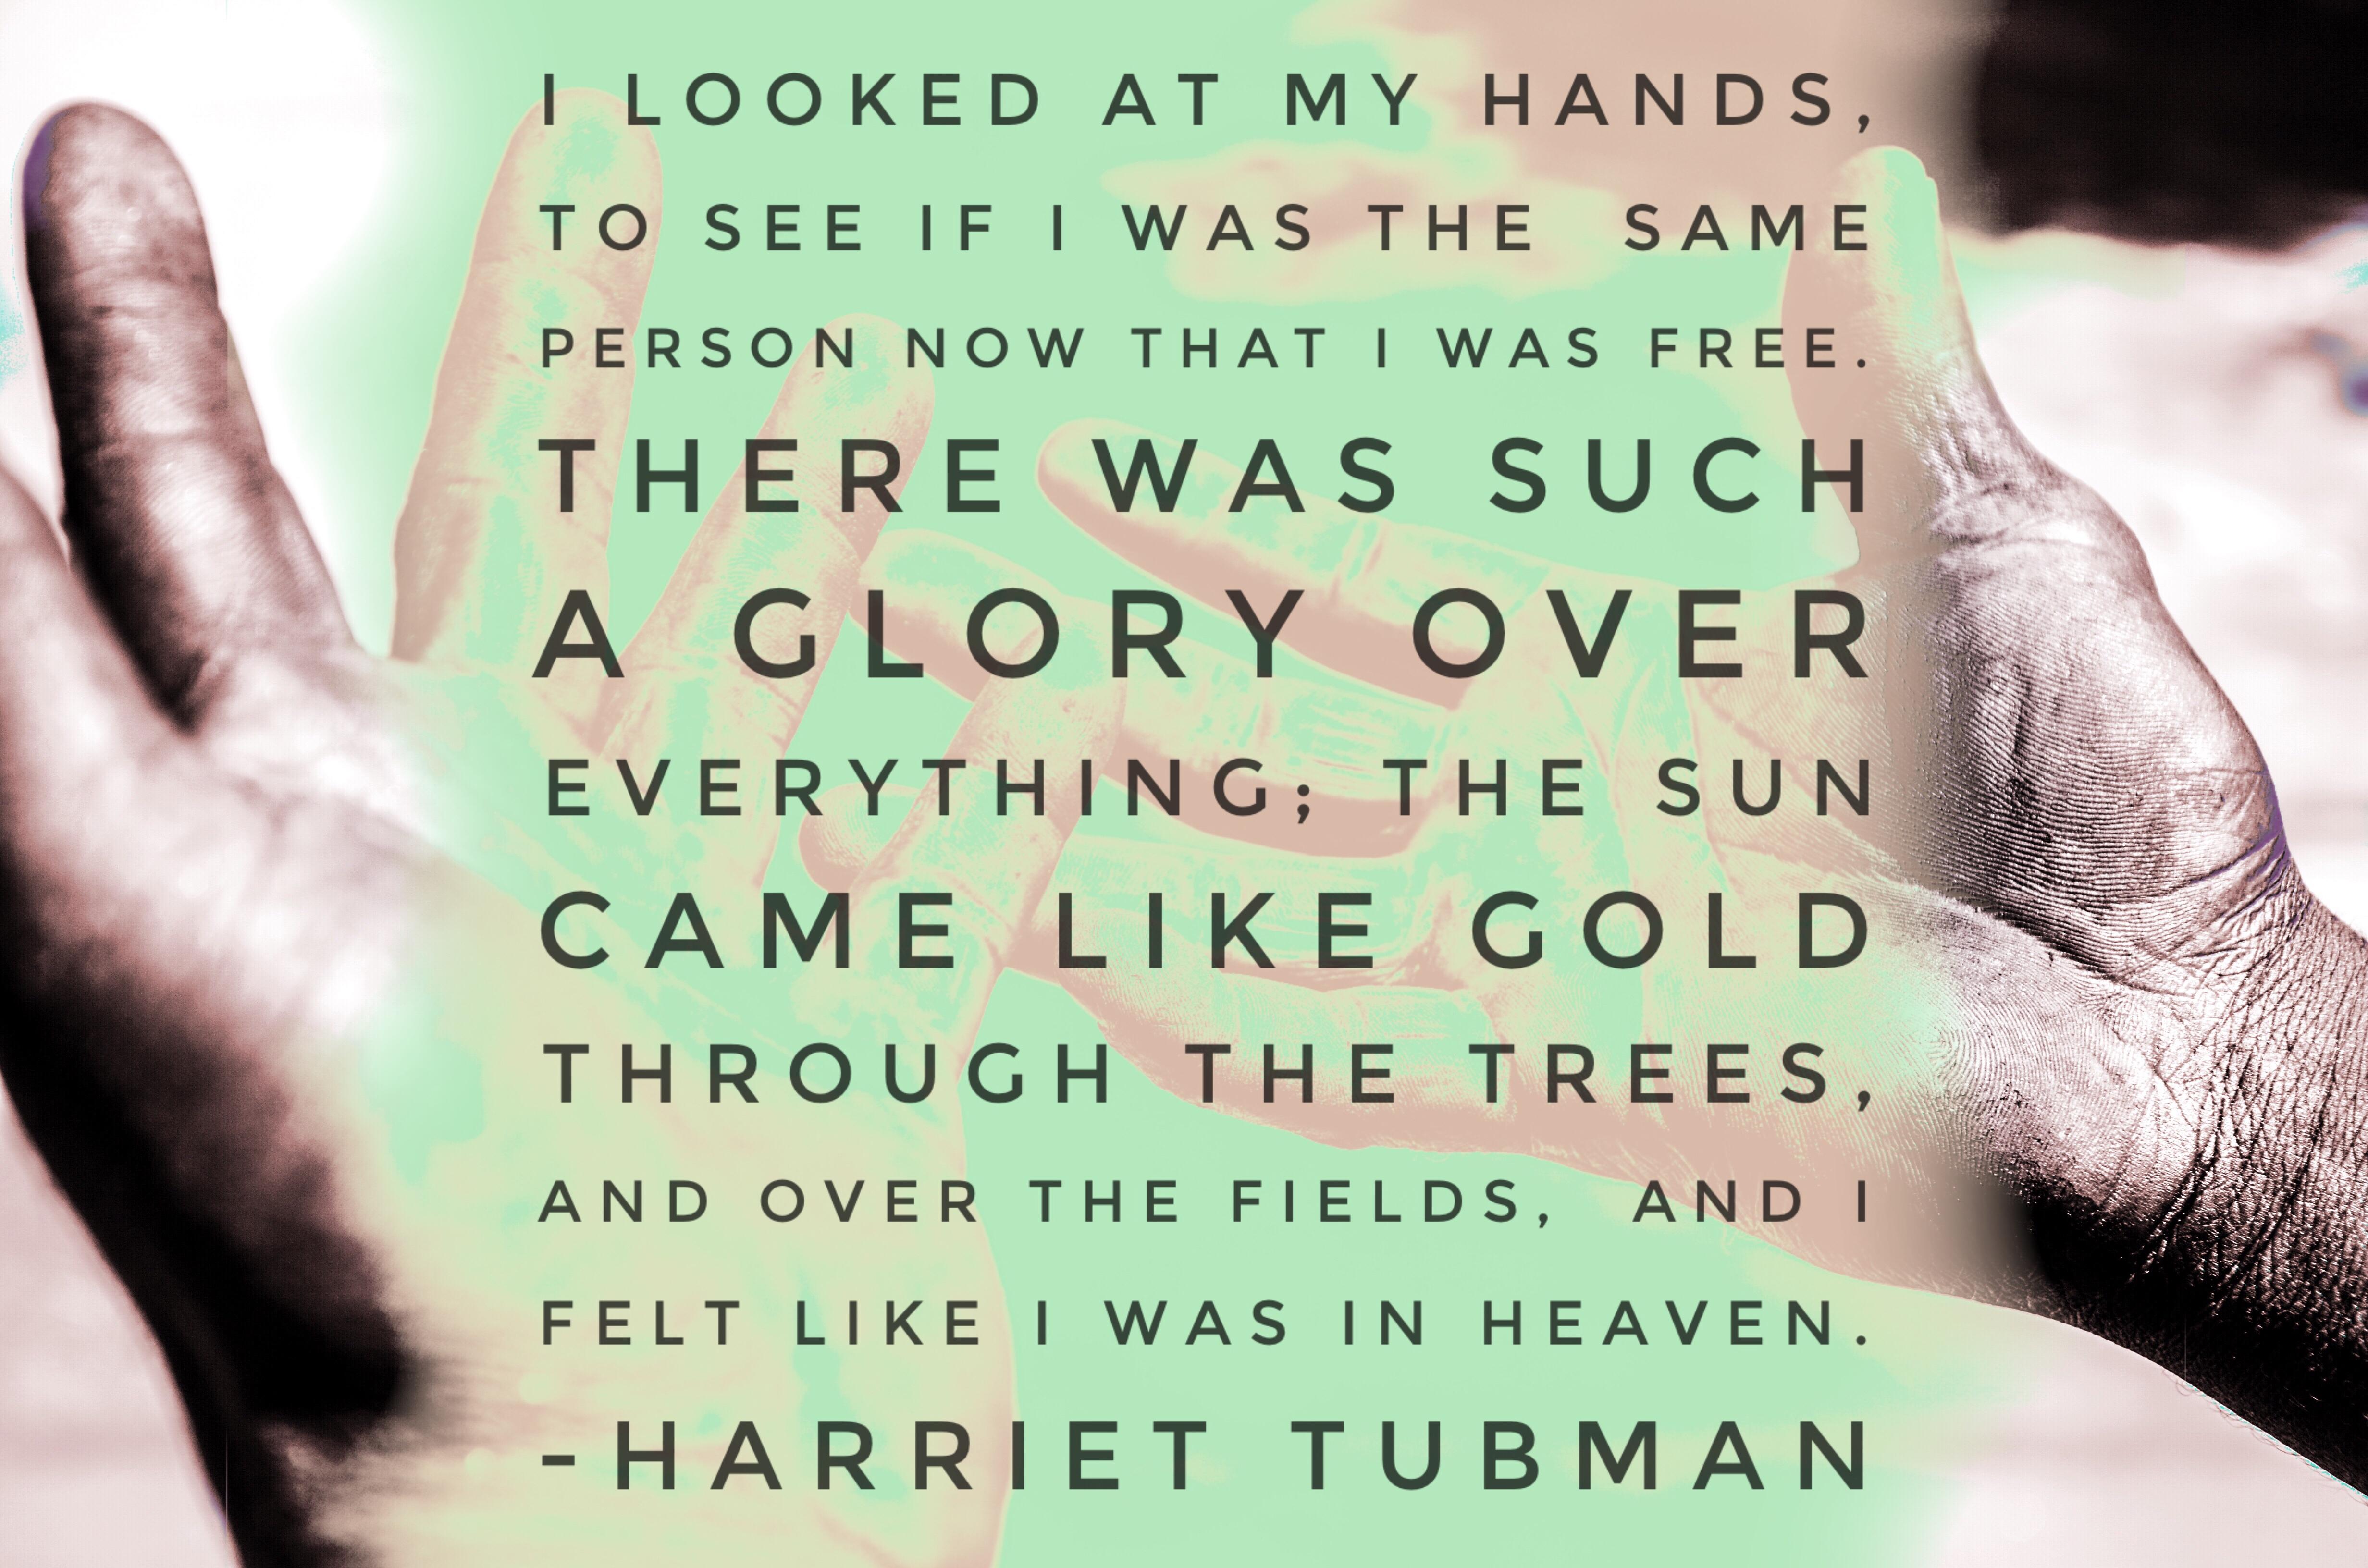 harriet tubman hands